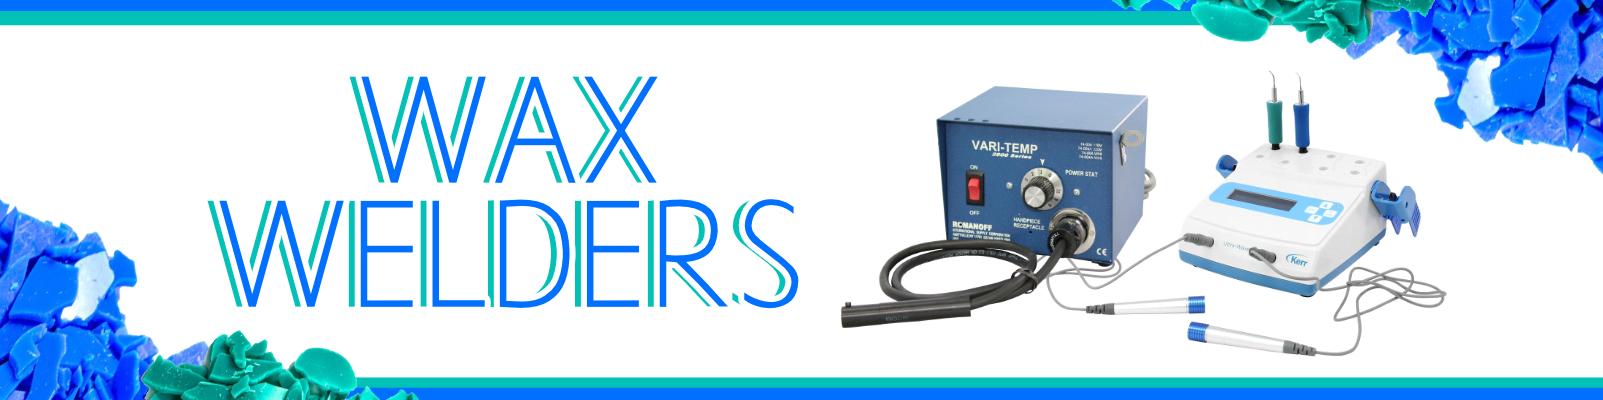 Wax Welders & Heating Tips